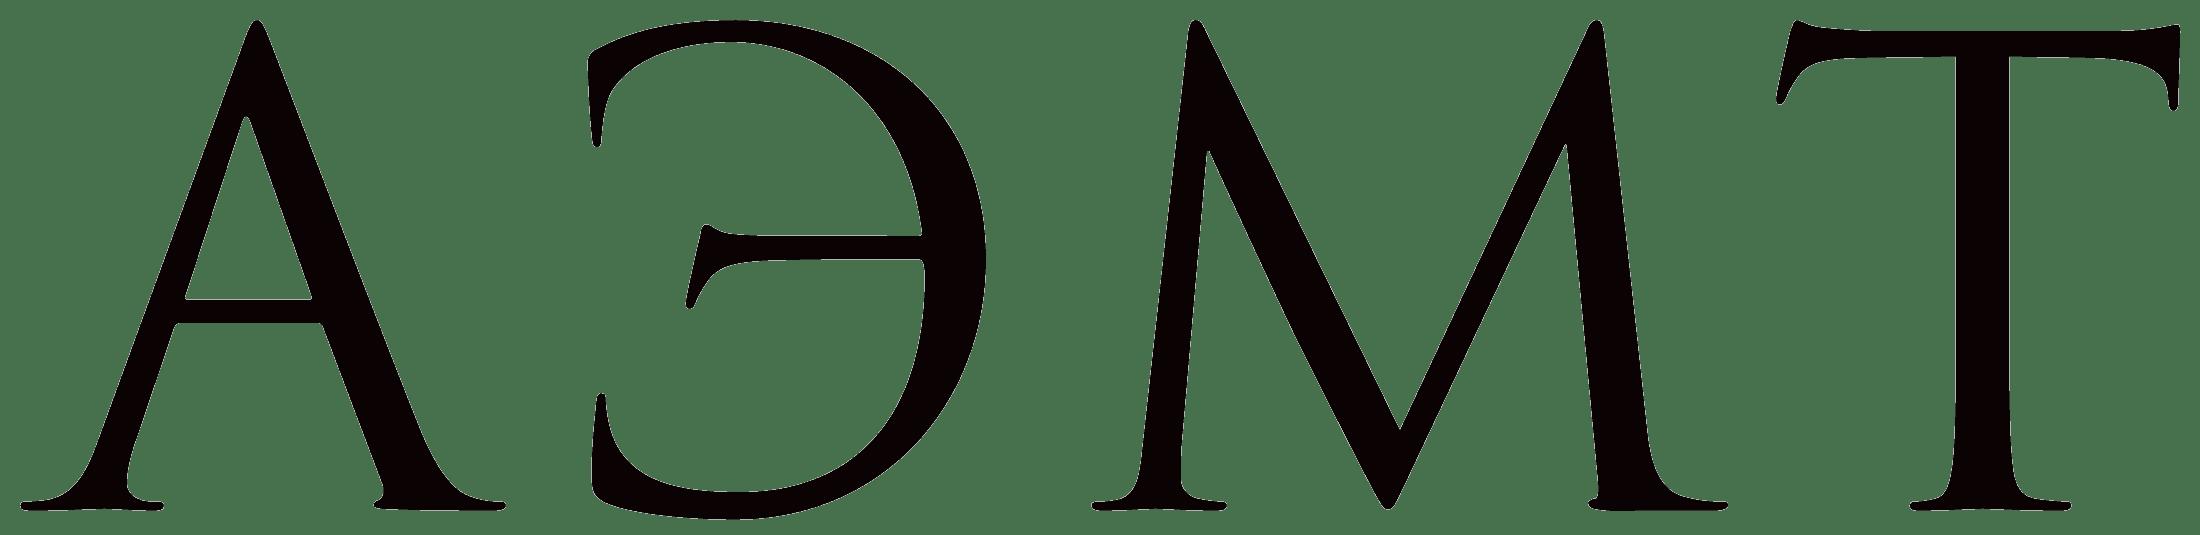 Научно-практическая Ассамблея по эстетической медицине и трихологии